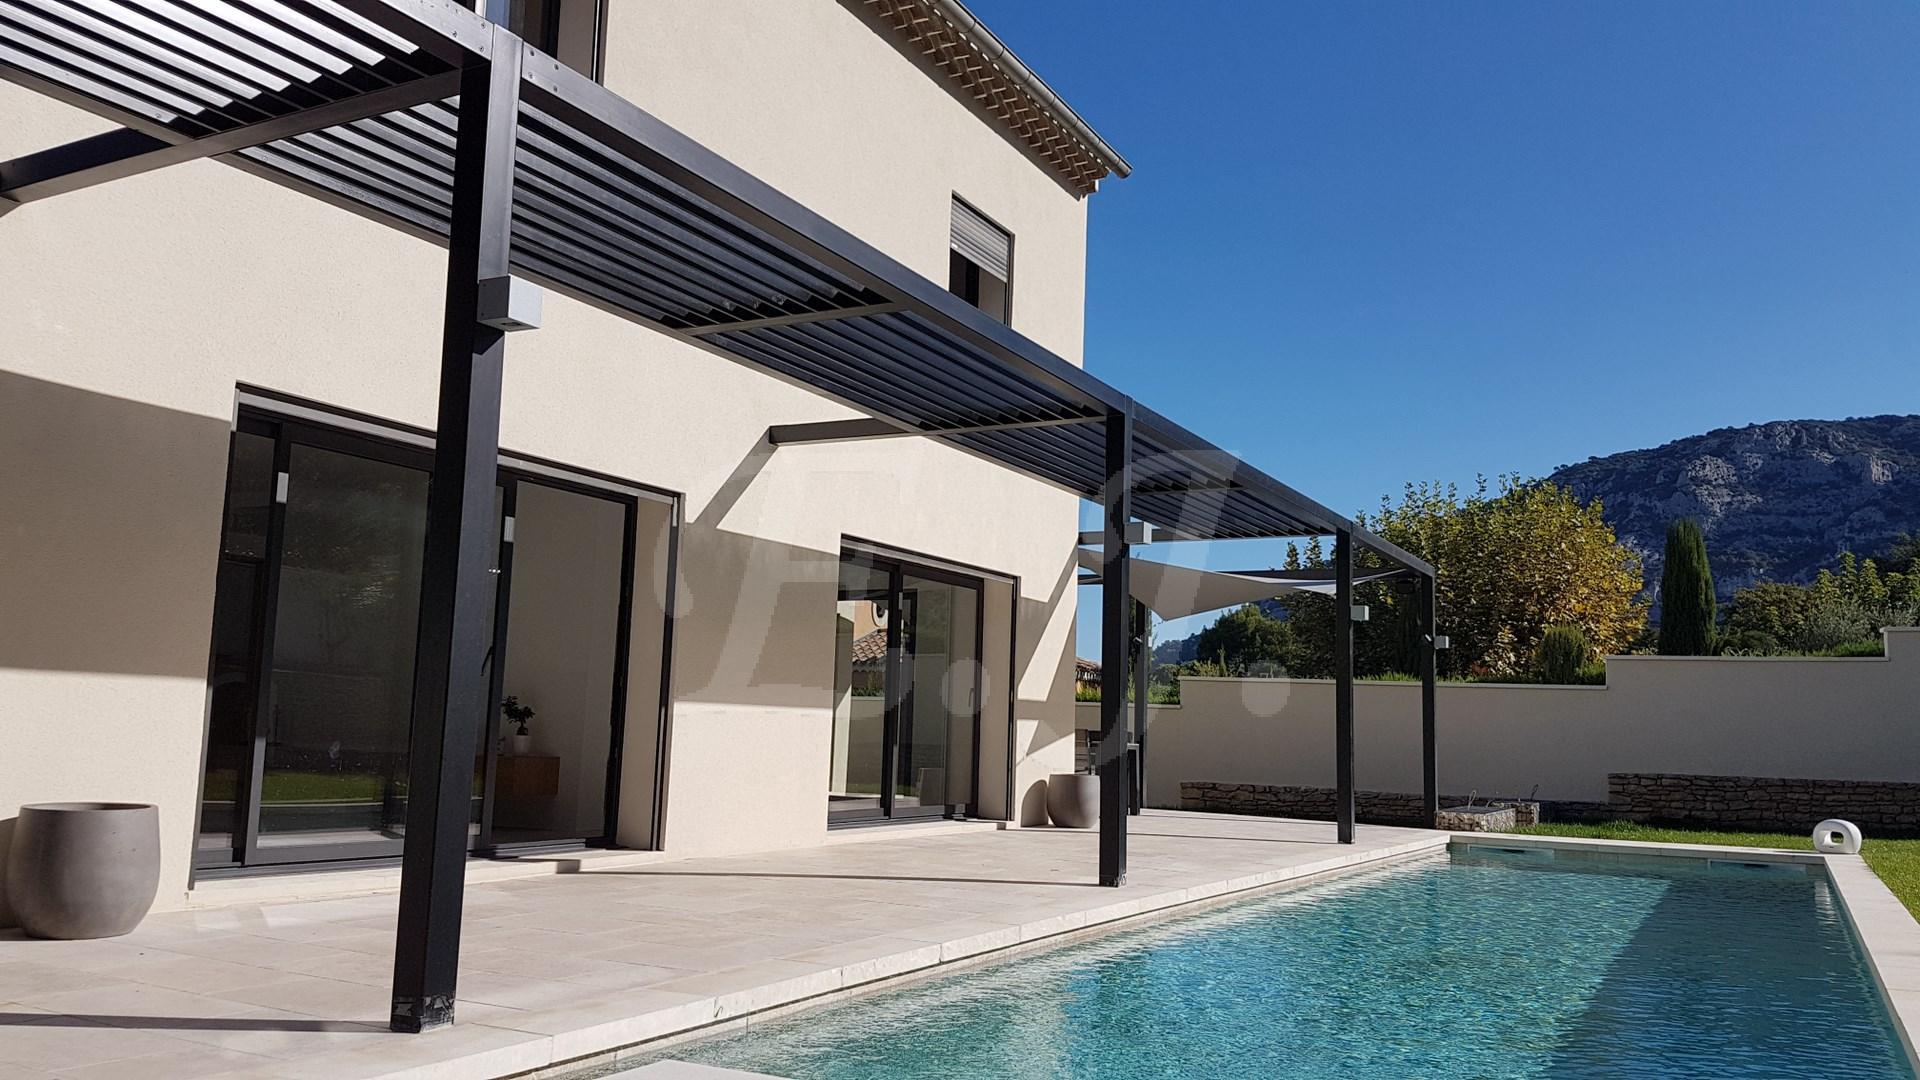 Maison  Taillades Contemporaine avec jardin et piscine